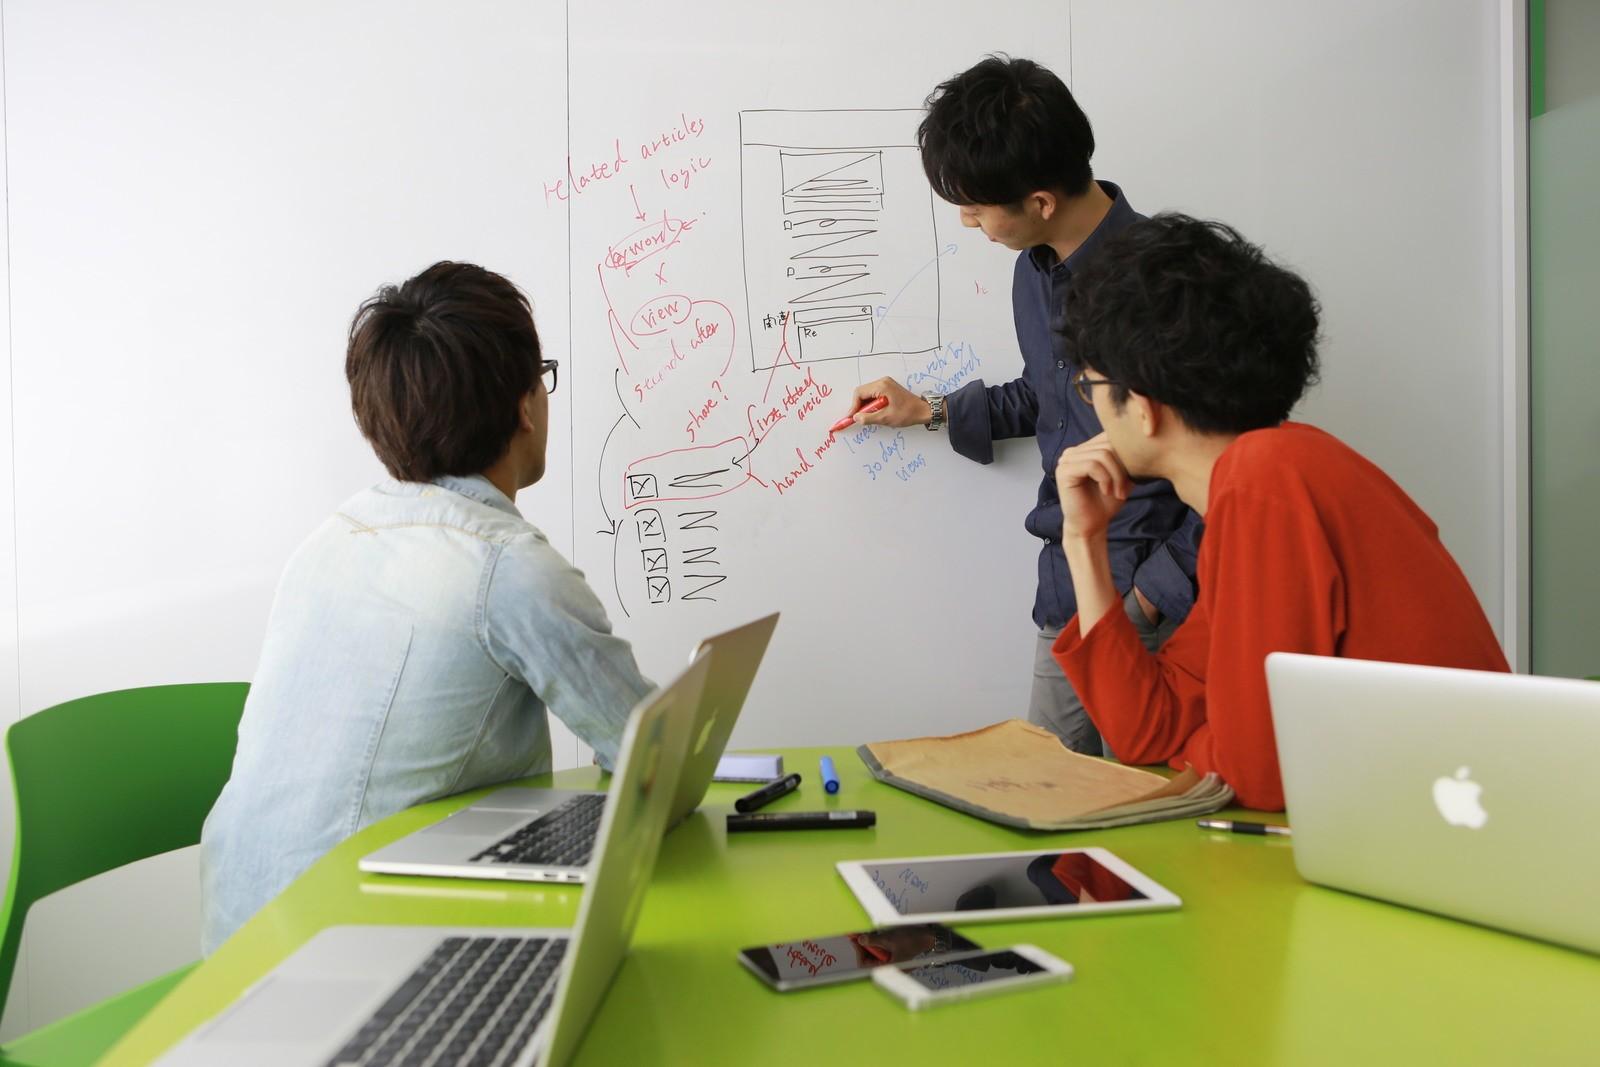 福祉・教育業界の社会課題を解決するSaaS型自社サービス開発の【リードエンジニア】を募集!